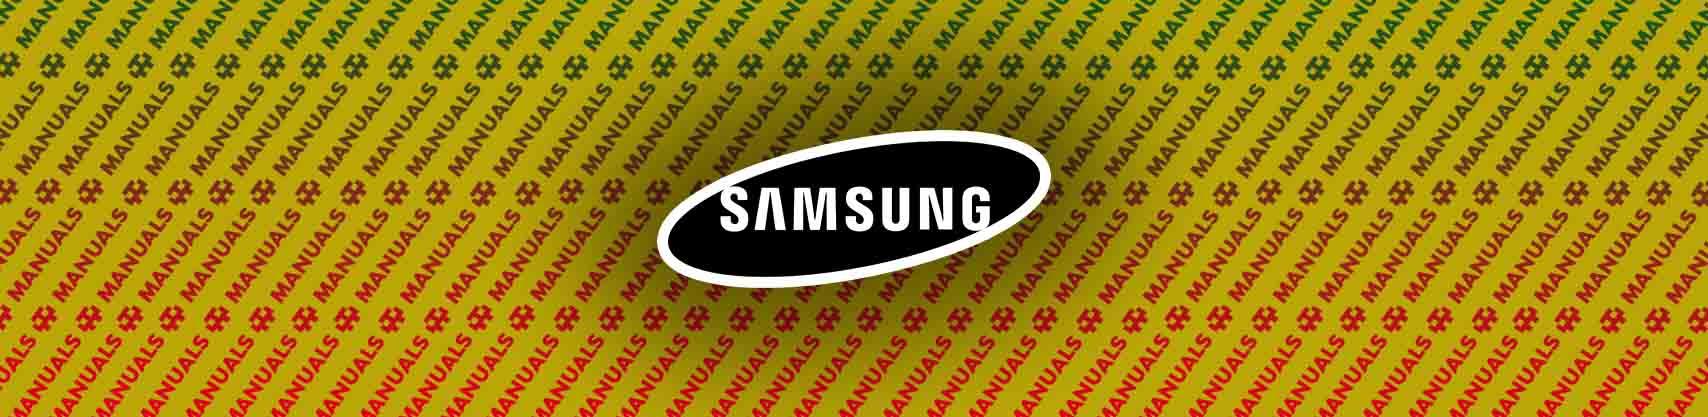 Samsung Gusto 3 Manual